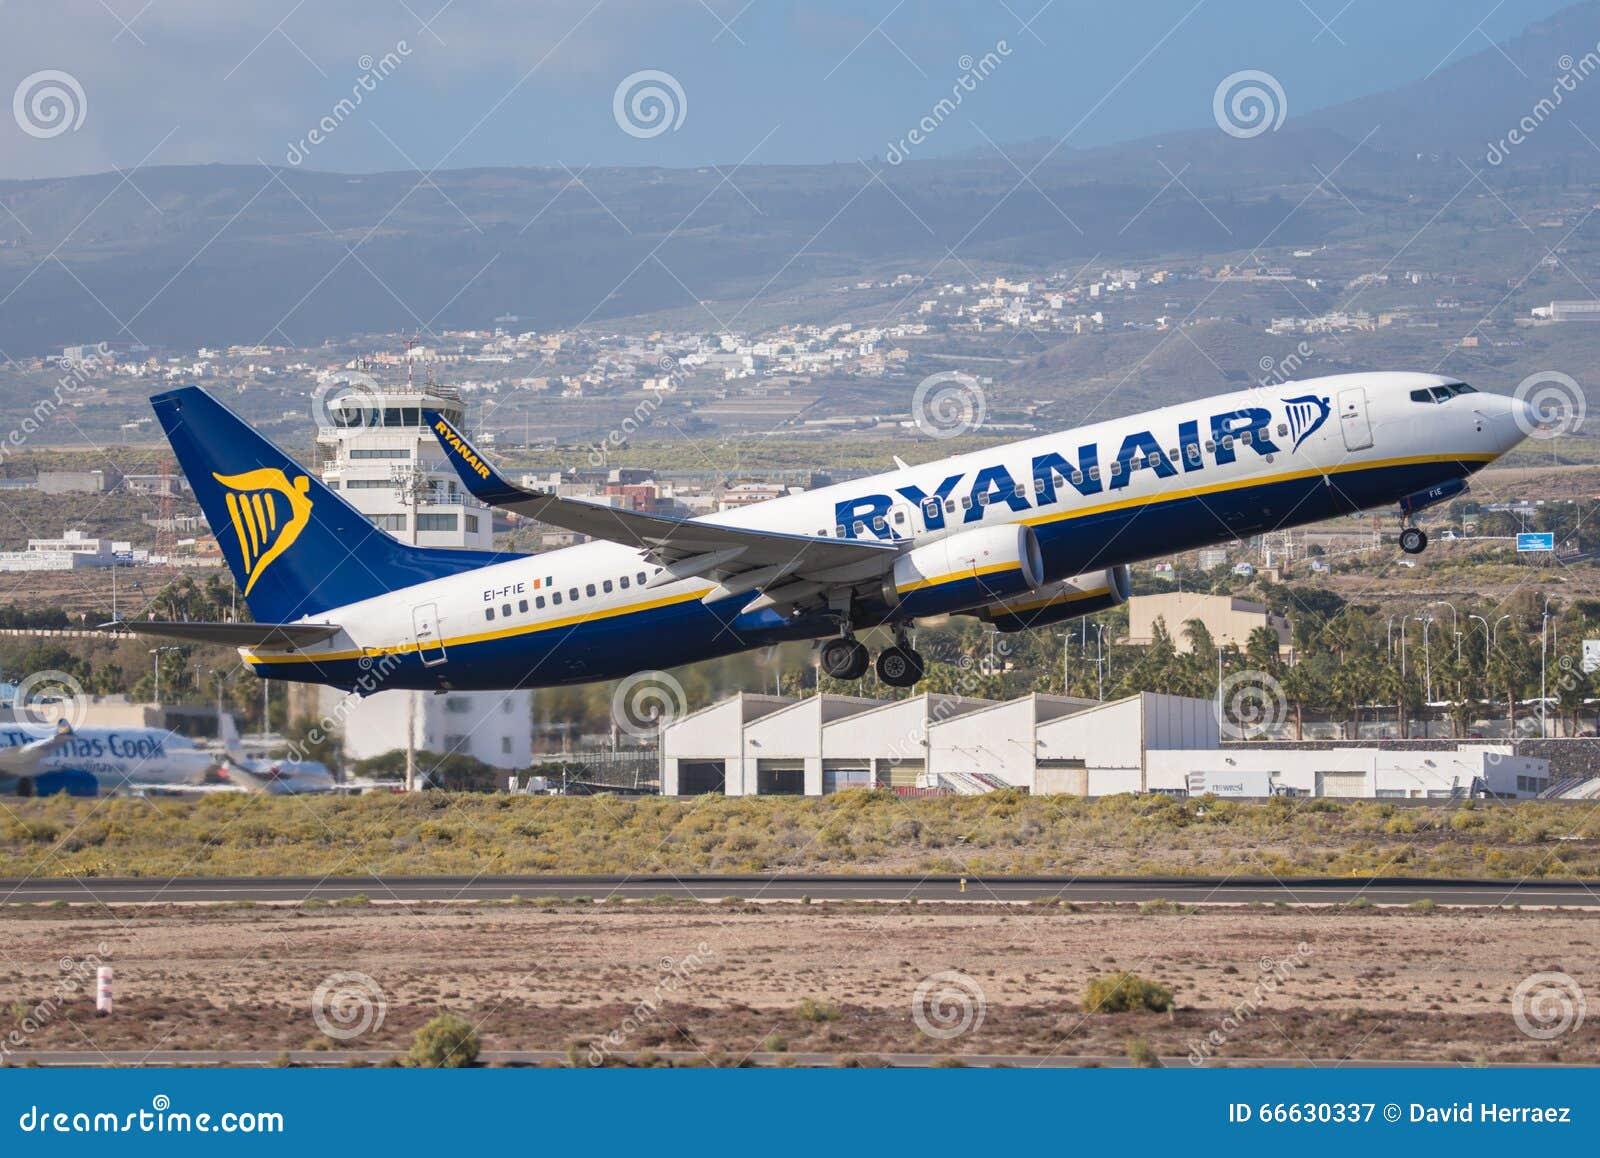 Aeroporto Tenerife Sud : Ryanair boeing 737 800 sta decollando dallaeroporto del sud di